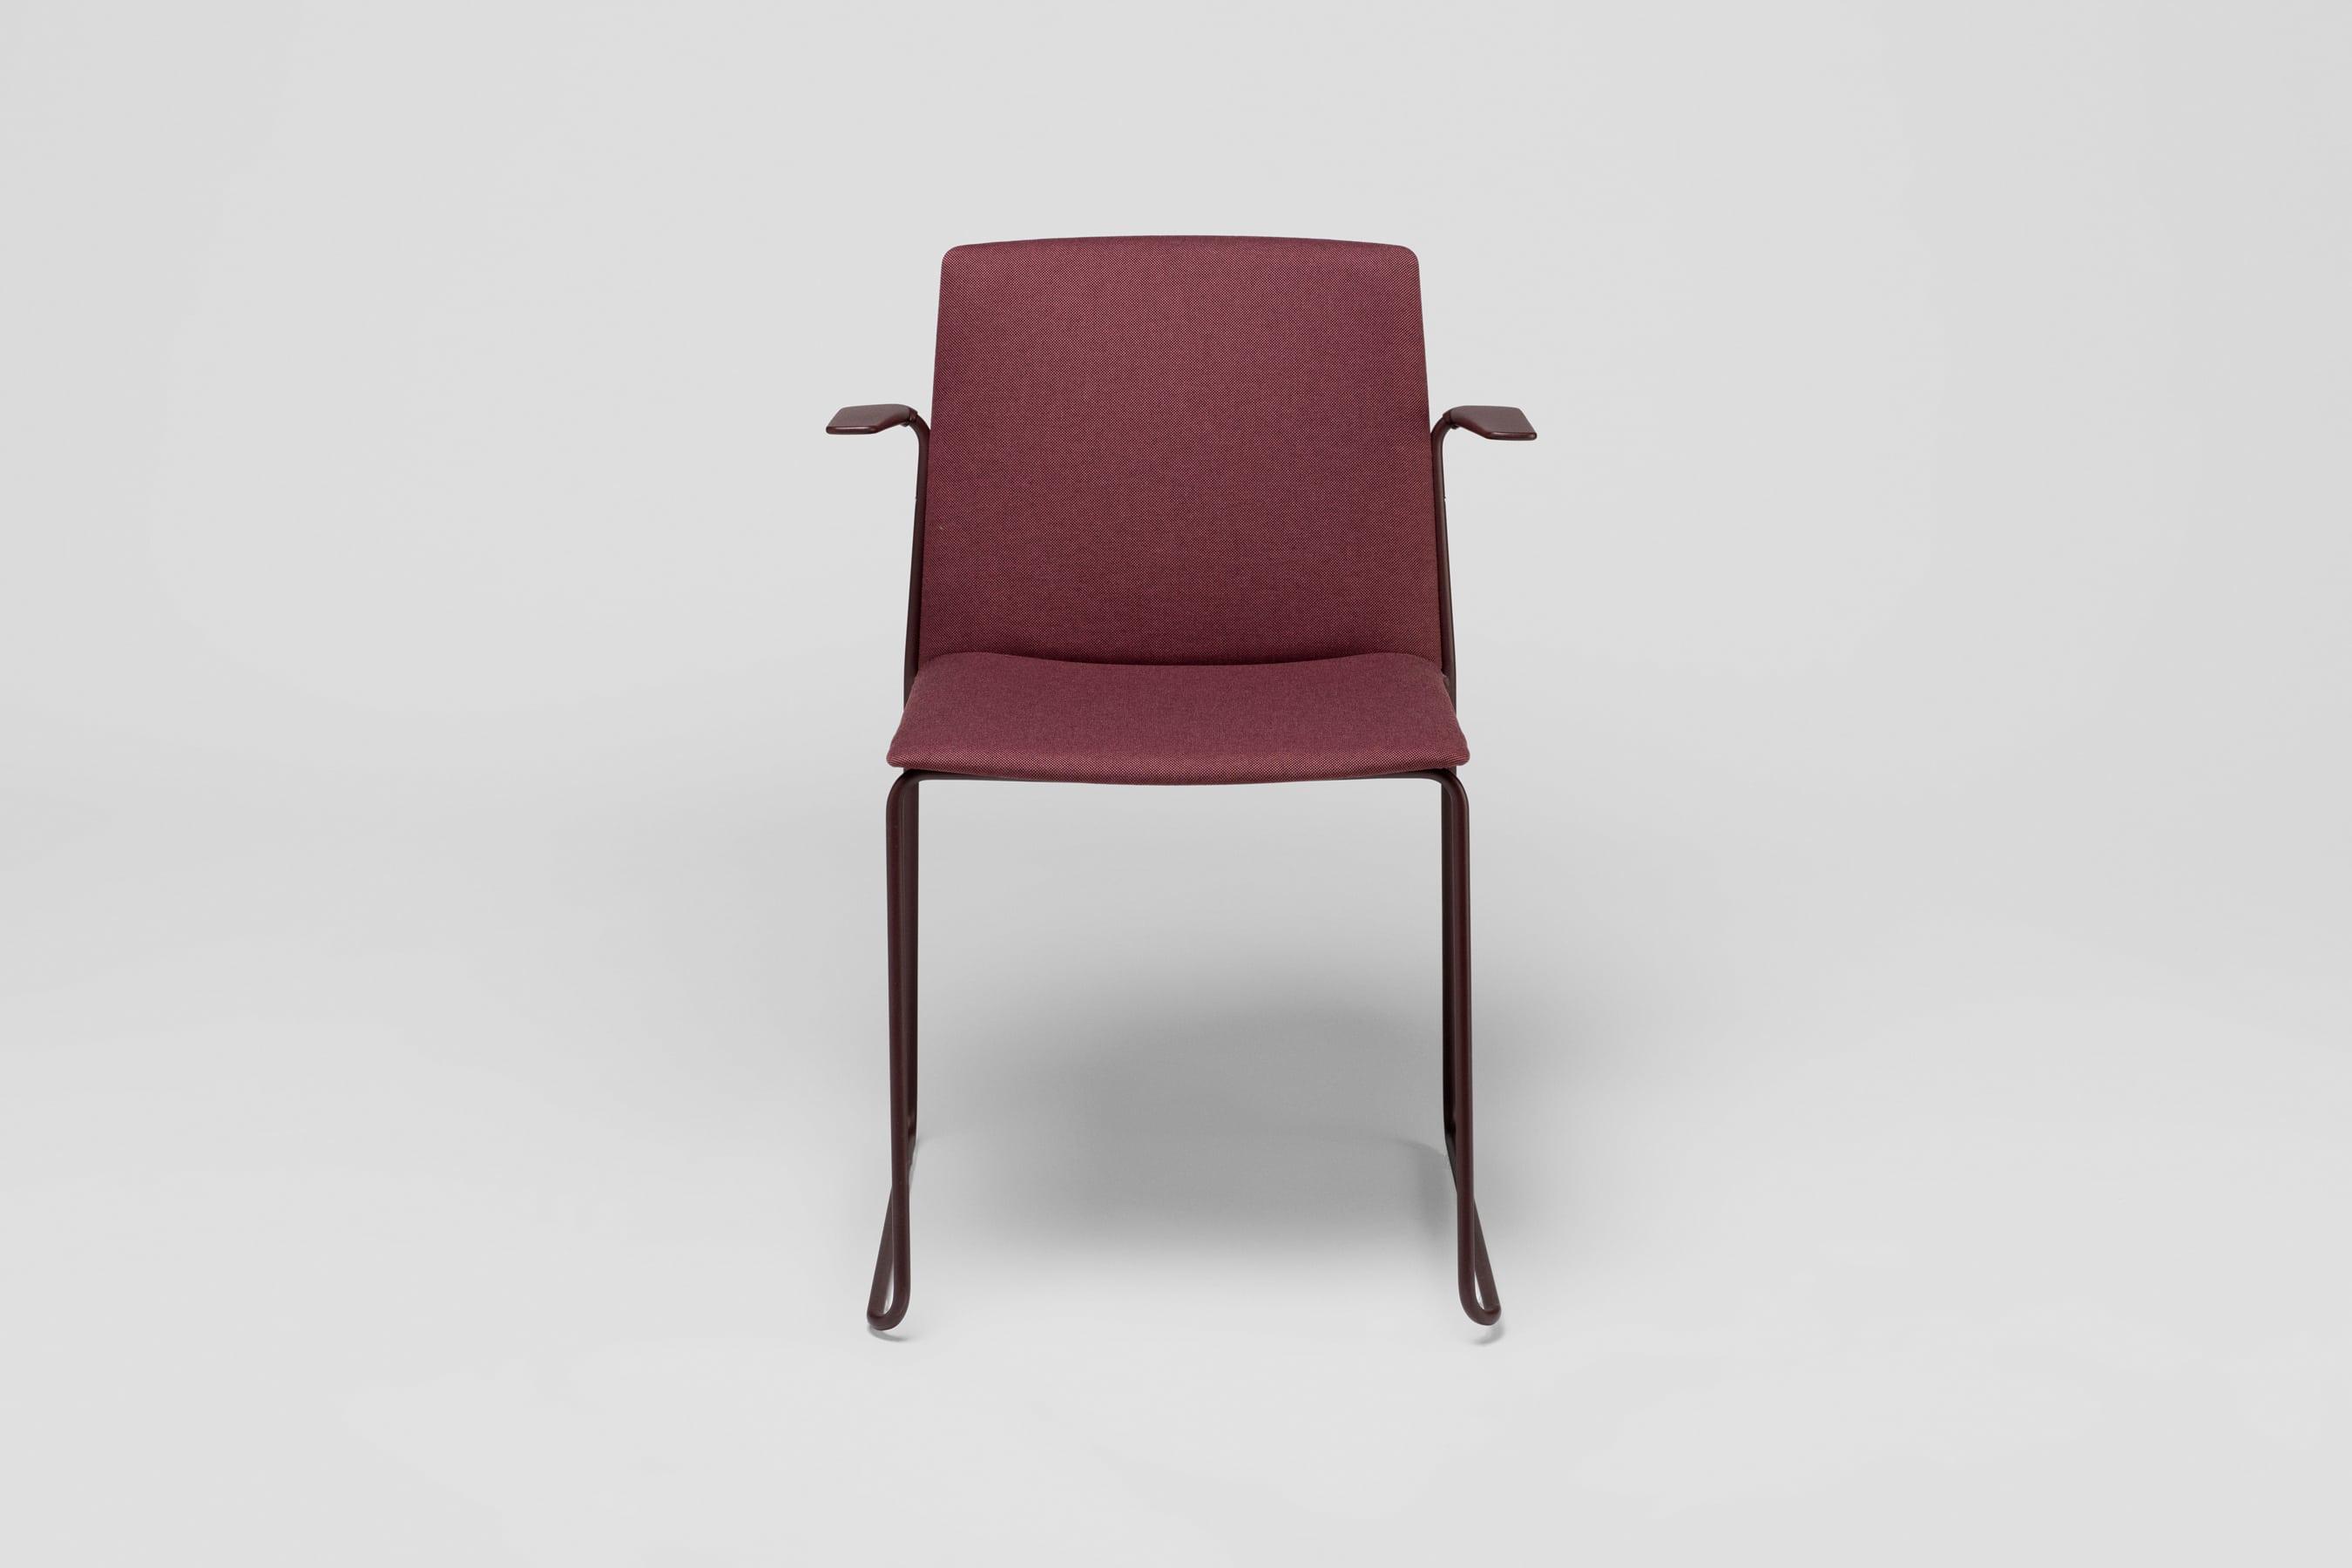 Ema chaise